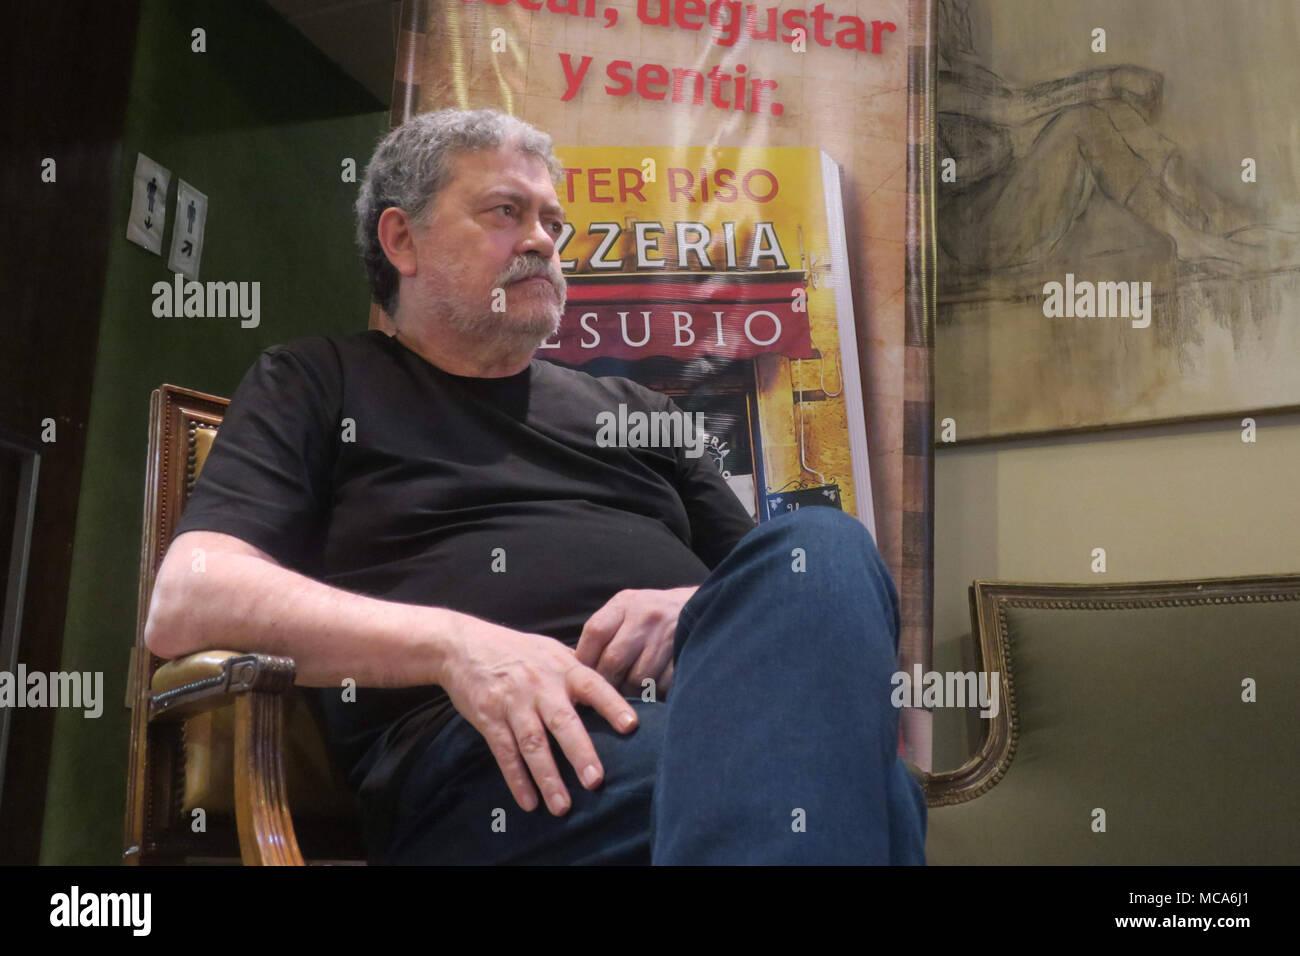 """Italienische Schriftsteller Walter Riso spricht bei der Einführung seines neuen Buches """"Pizzería Vesubio"""" in Buenos Aires, Argentinien, am 14. April 2018 (11. April 2018 erteilt). EFE/Rodrigo García Stockbild"""